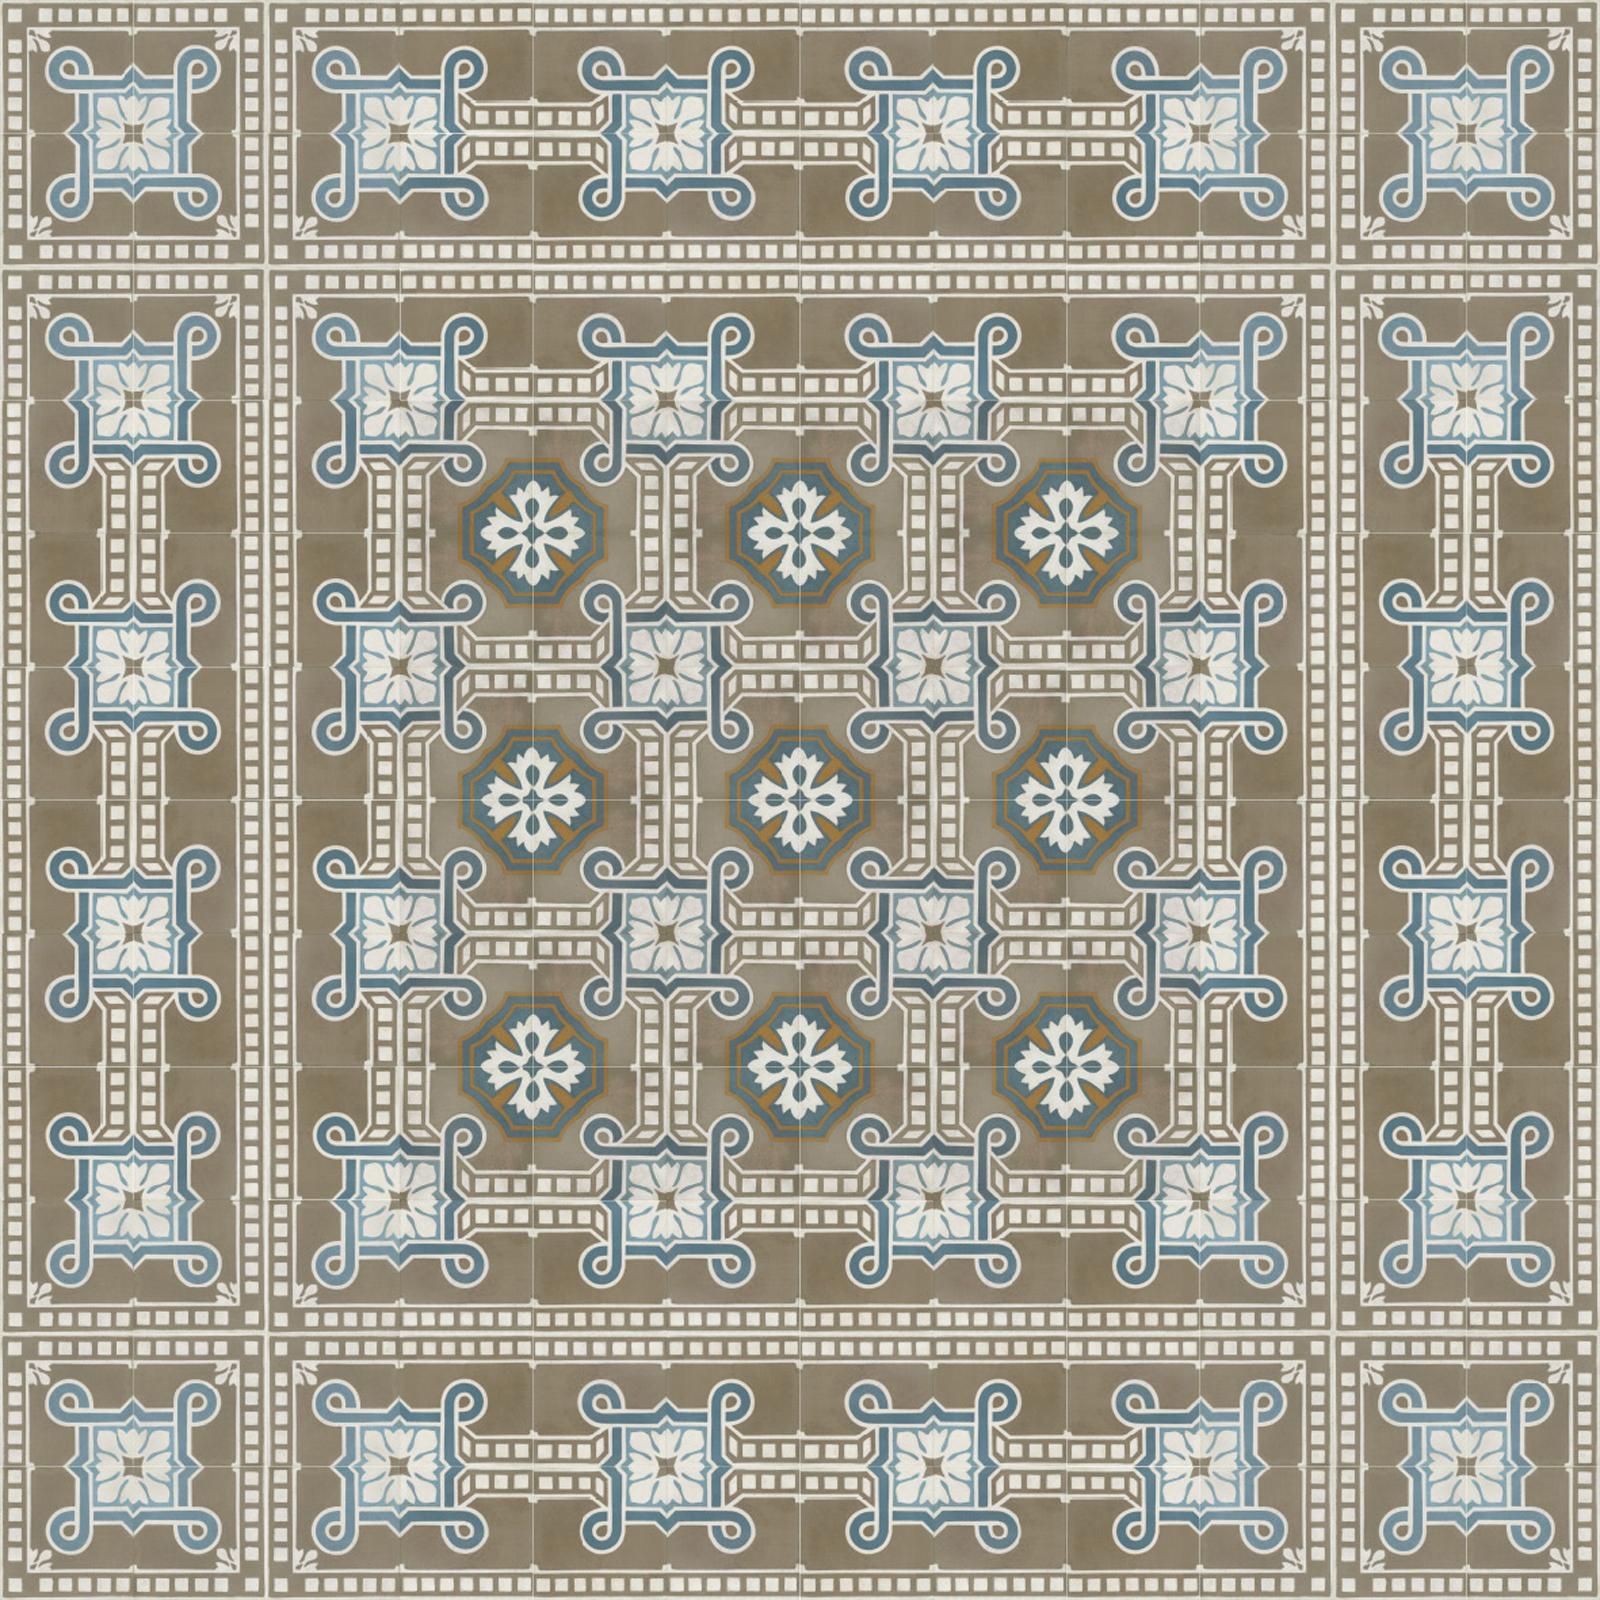 zementfliesen-VIA_verlegemuster_51051-viaplatten | 51051/141